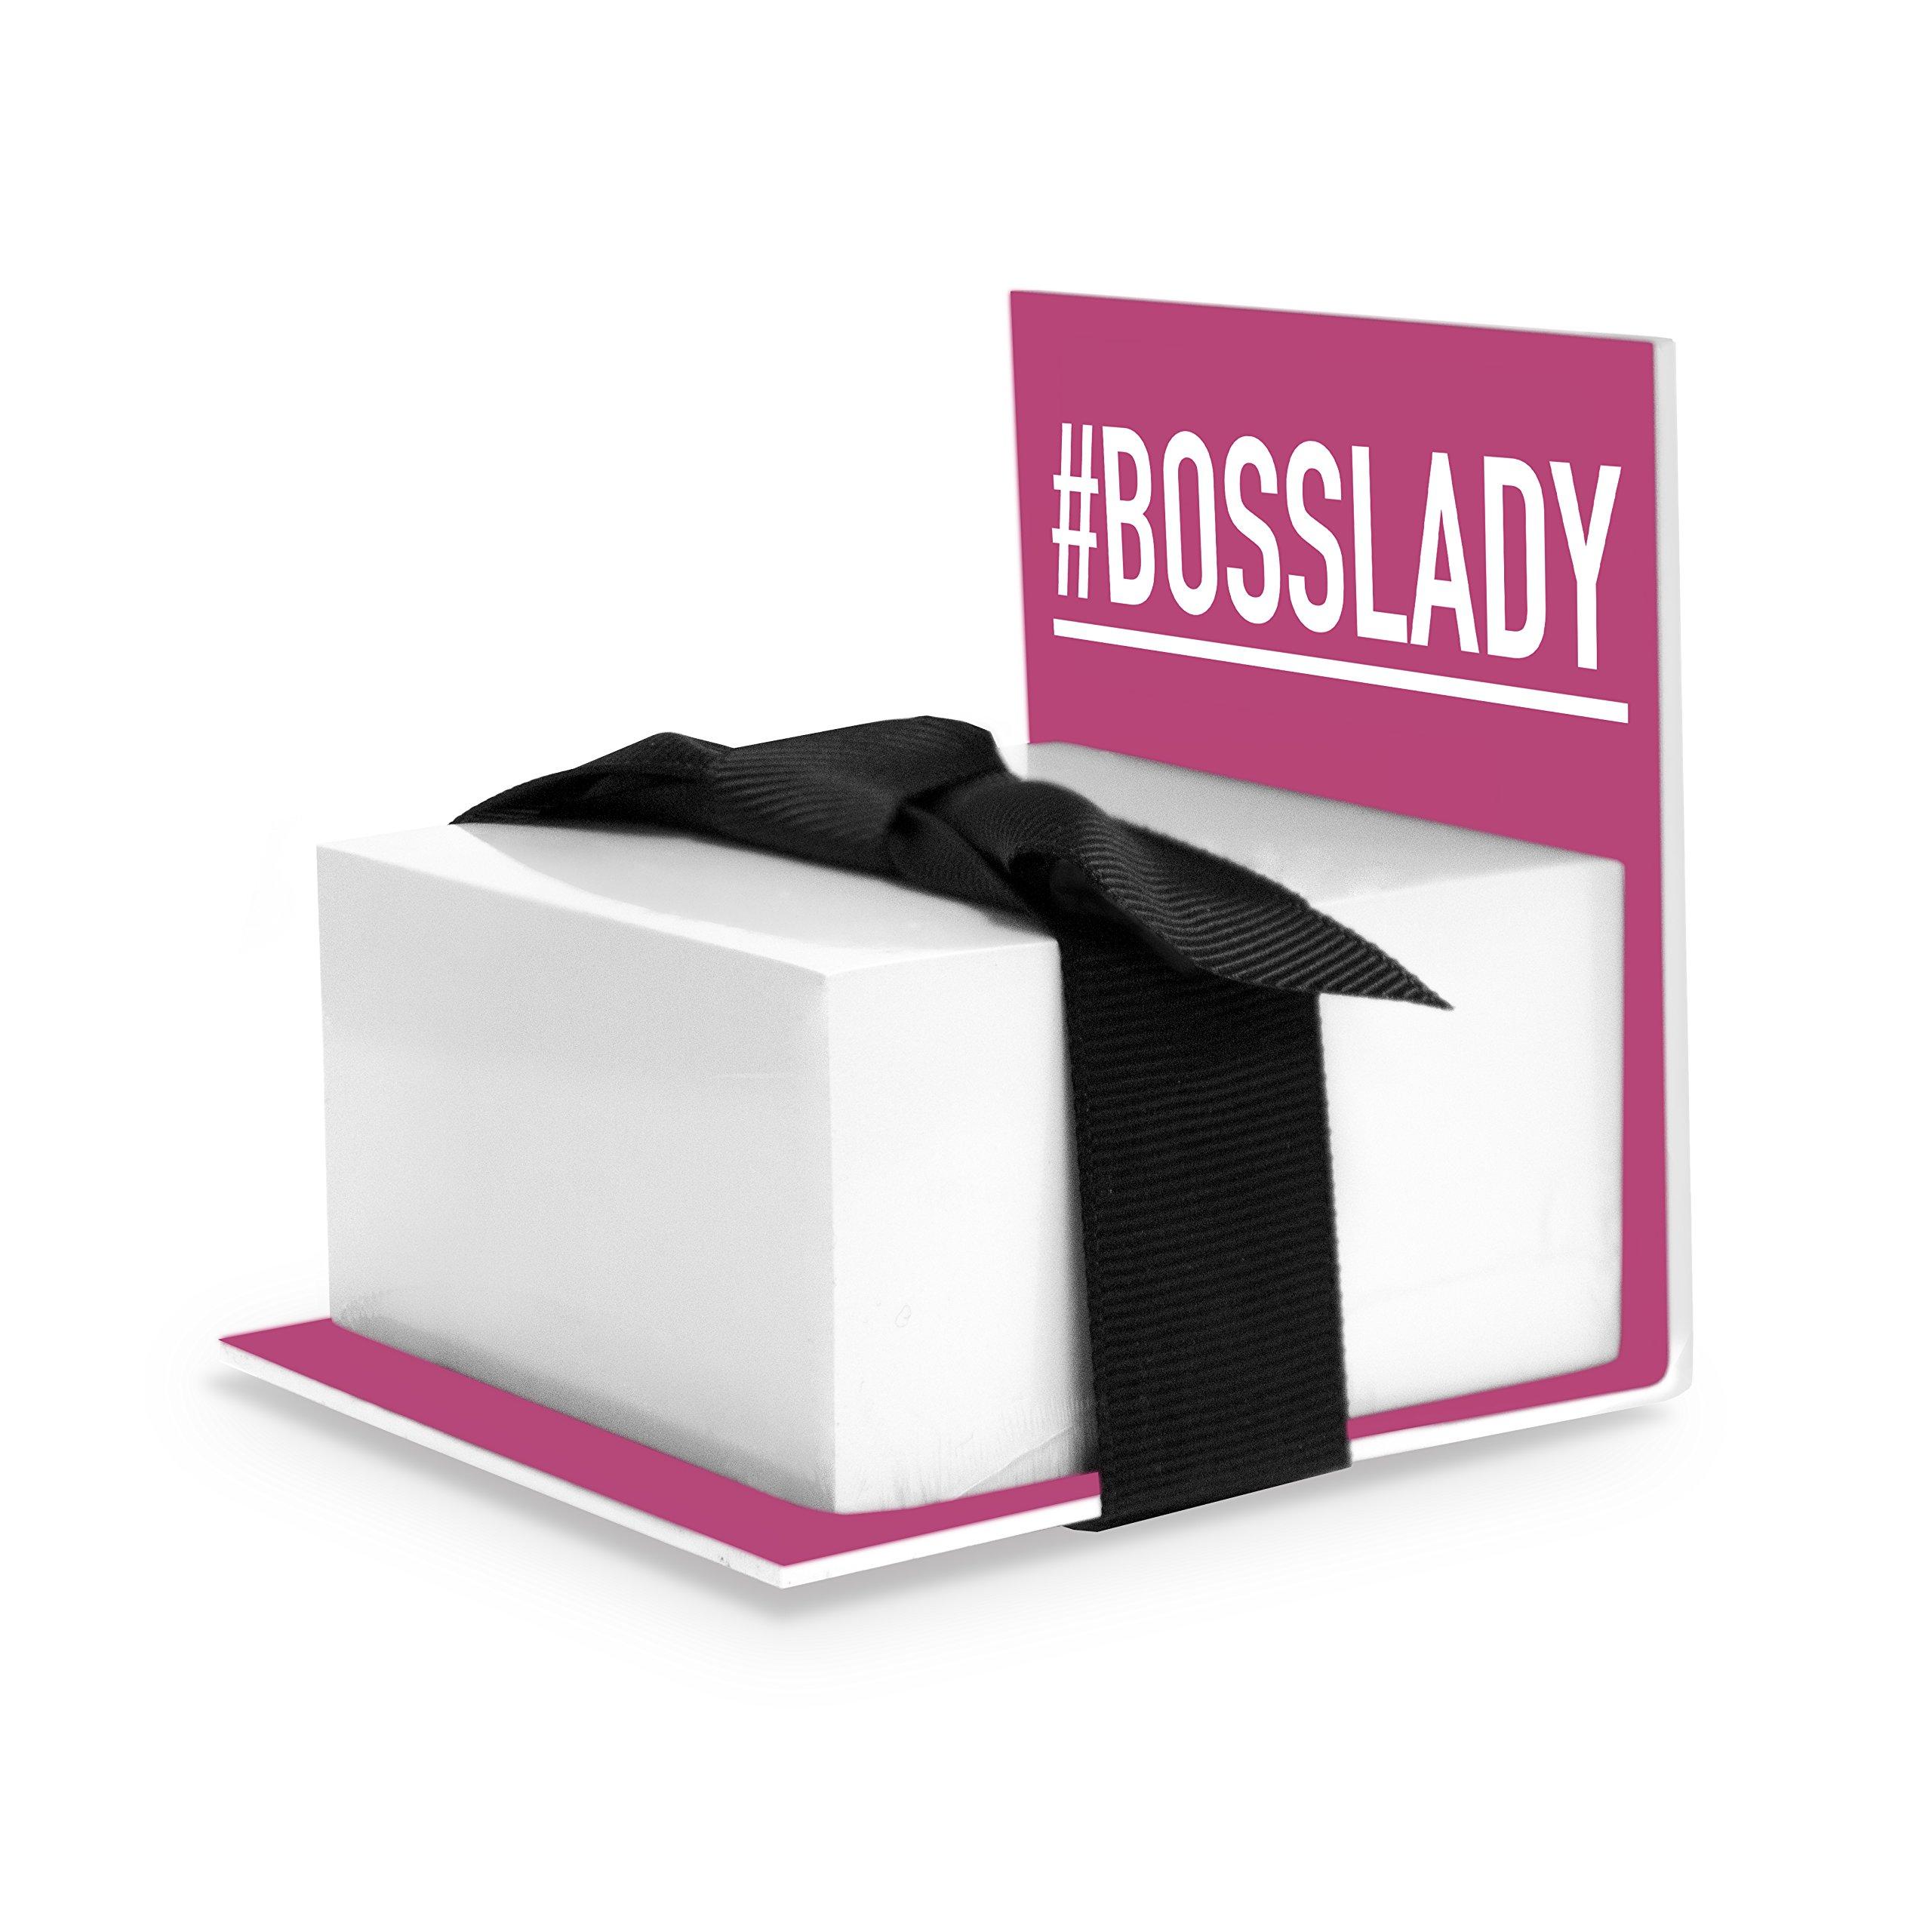 Sticky Notes Holder, BossLady, Pink (Boss Lady Gift)